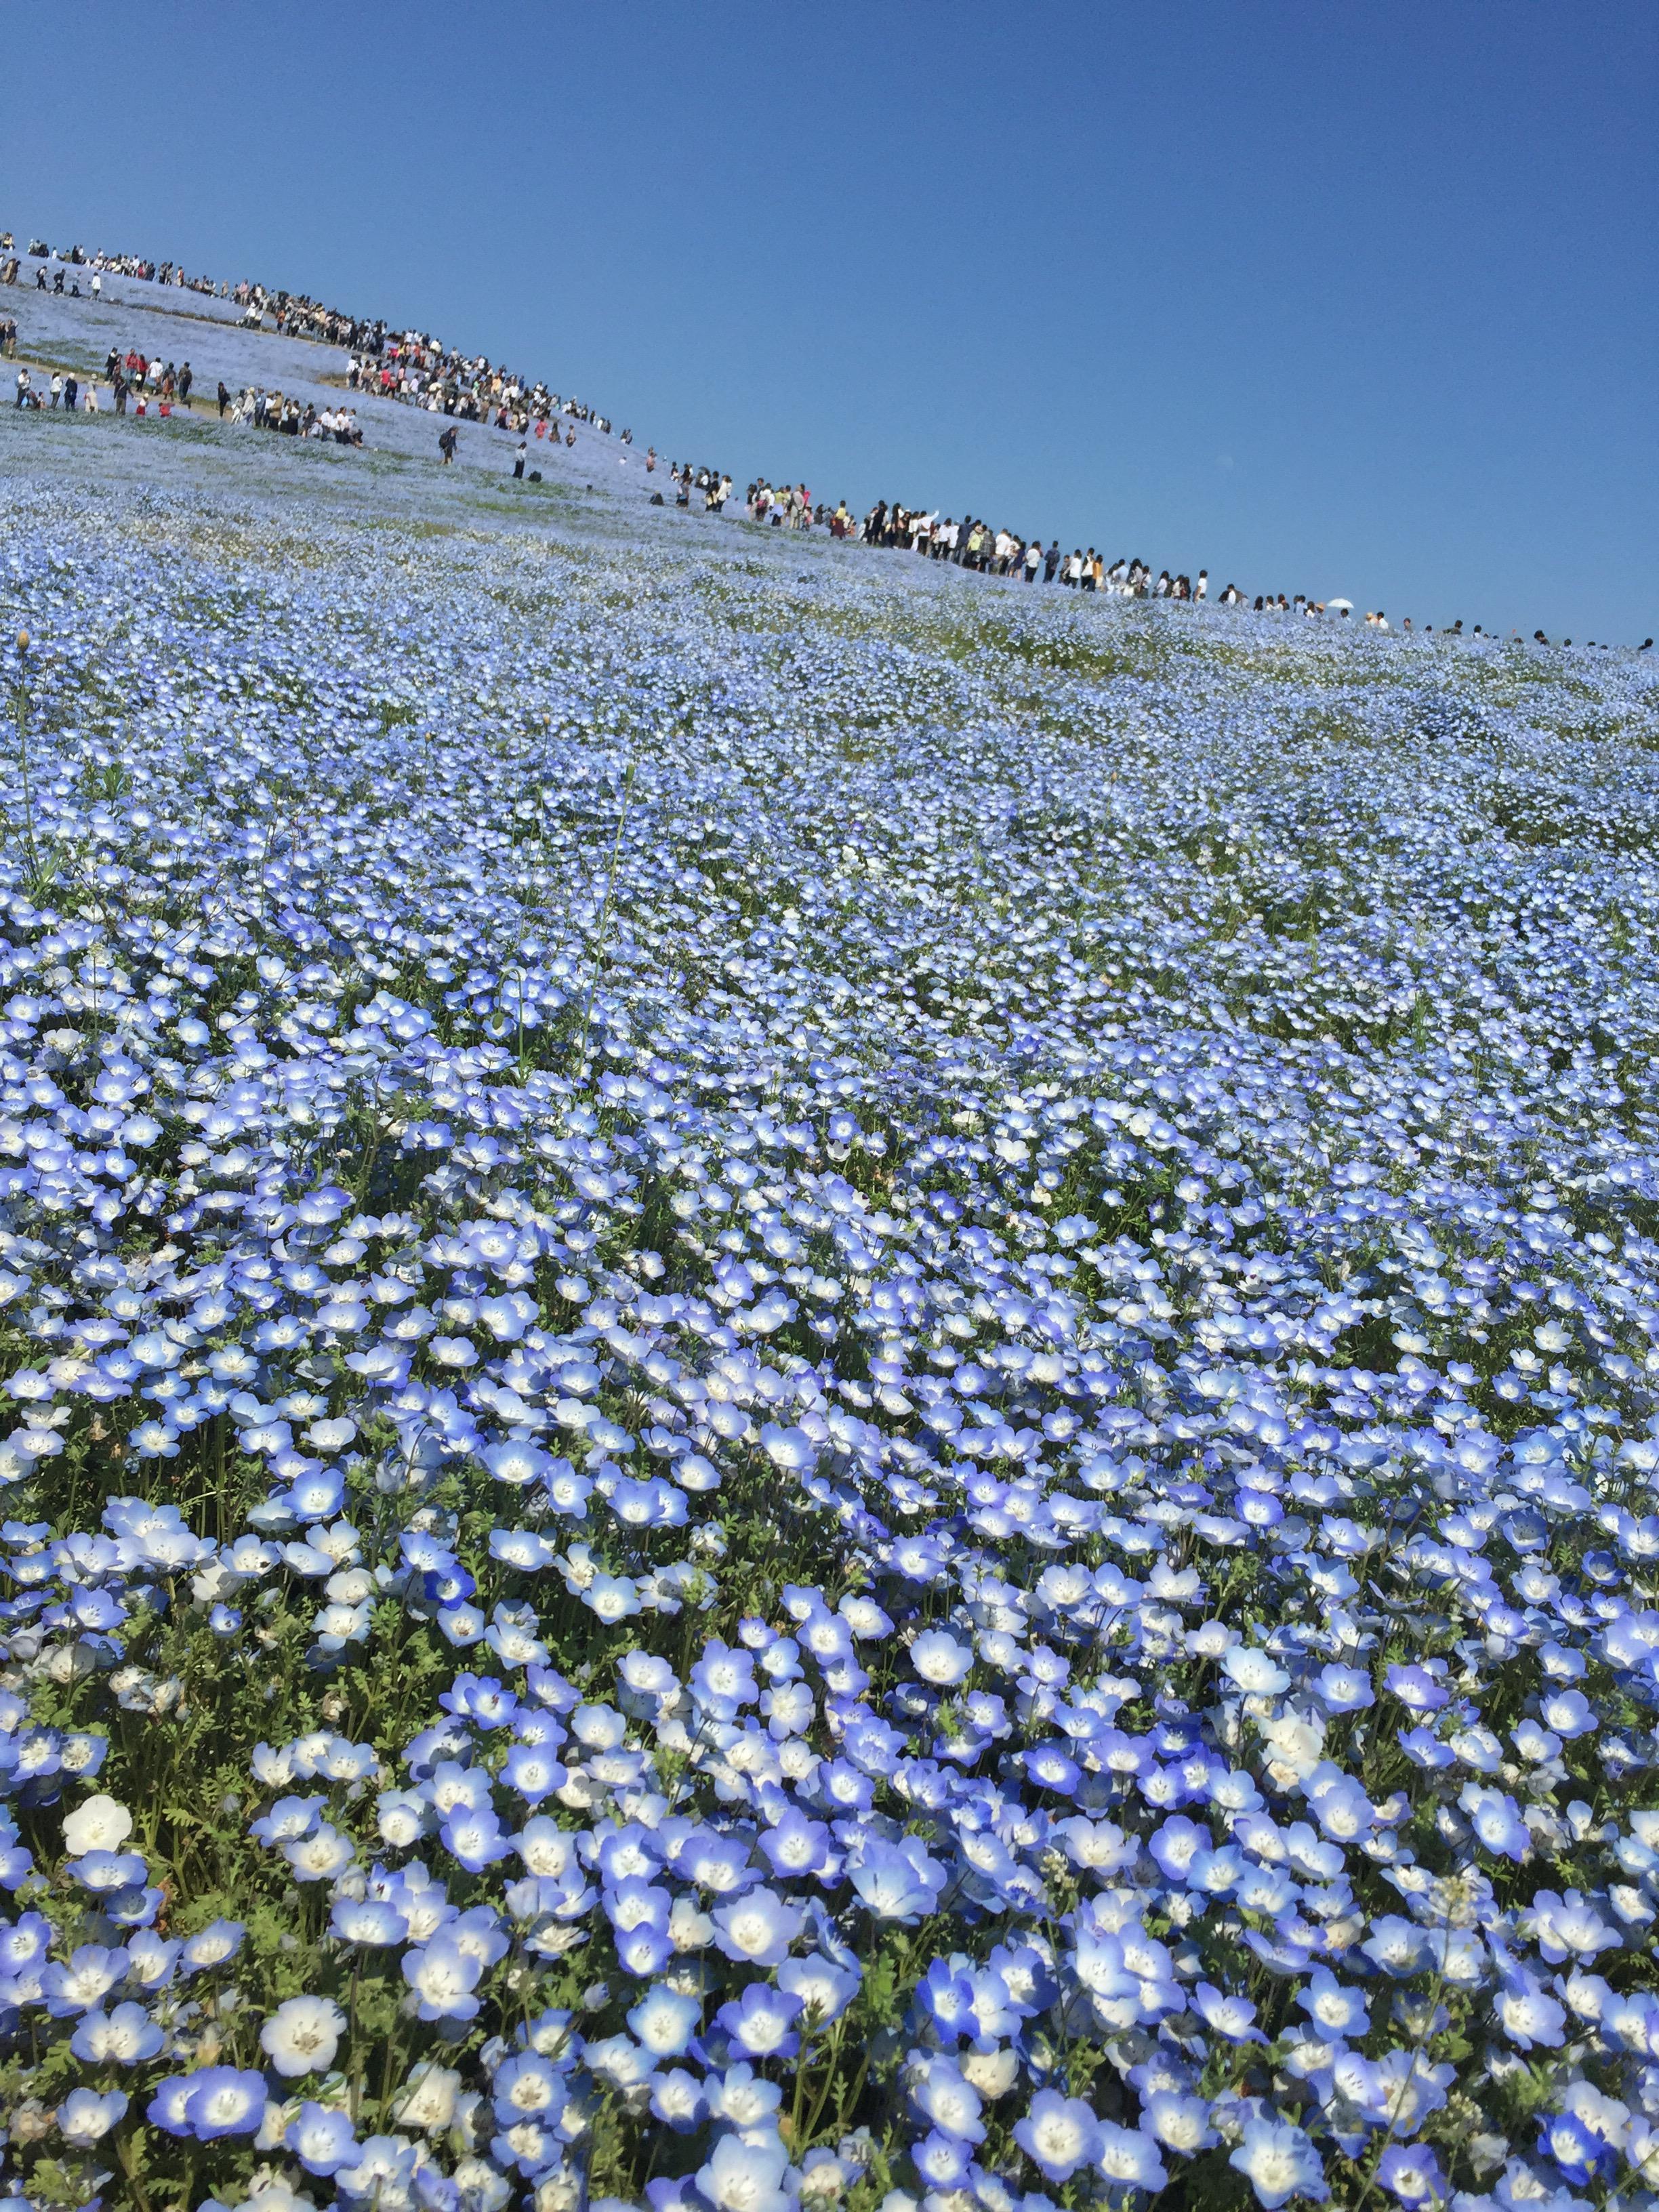 一度は訪れたい世界の絶景「ネモフィラの丘」。美しい瑠璃色の花景色。国営ひたち海浜公園を歩く。